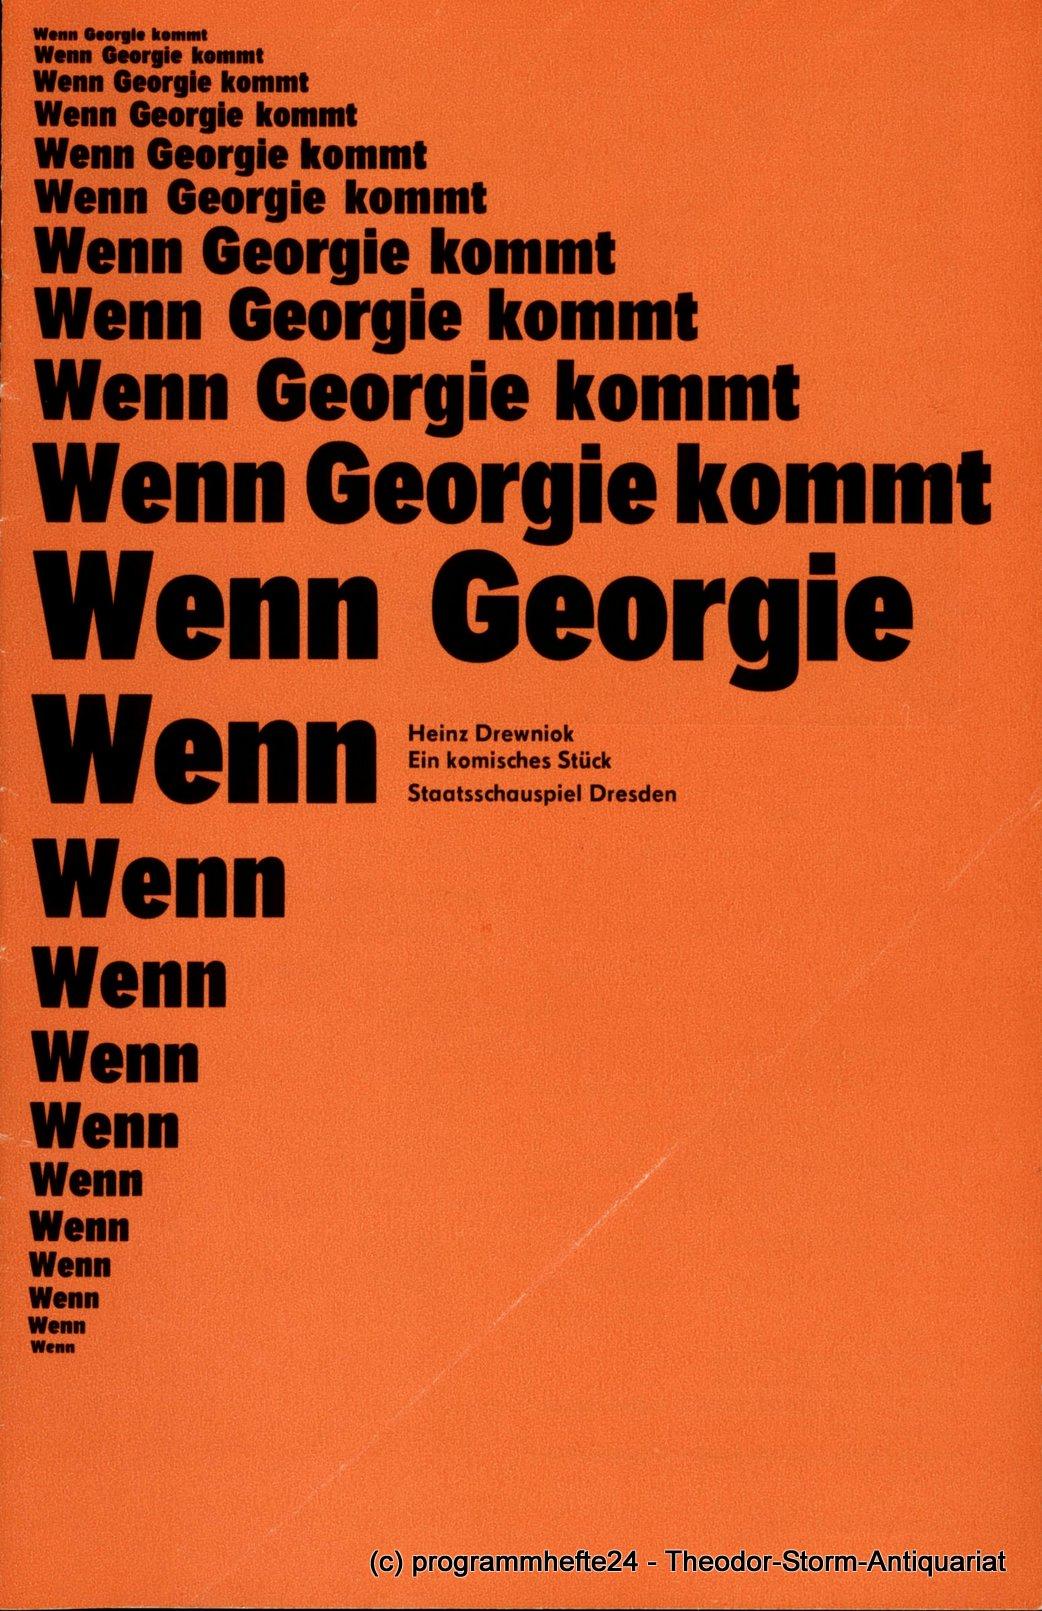 Programmheft Wenn Georgie kommt von Heinz Drewniok. Dresden 1983